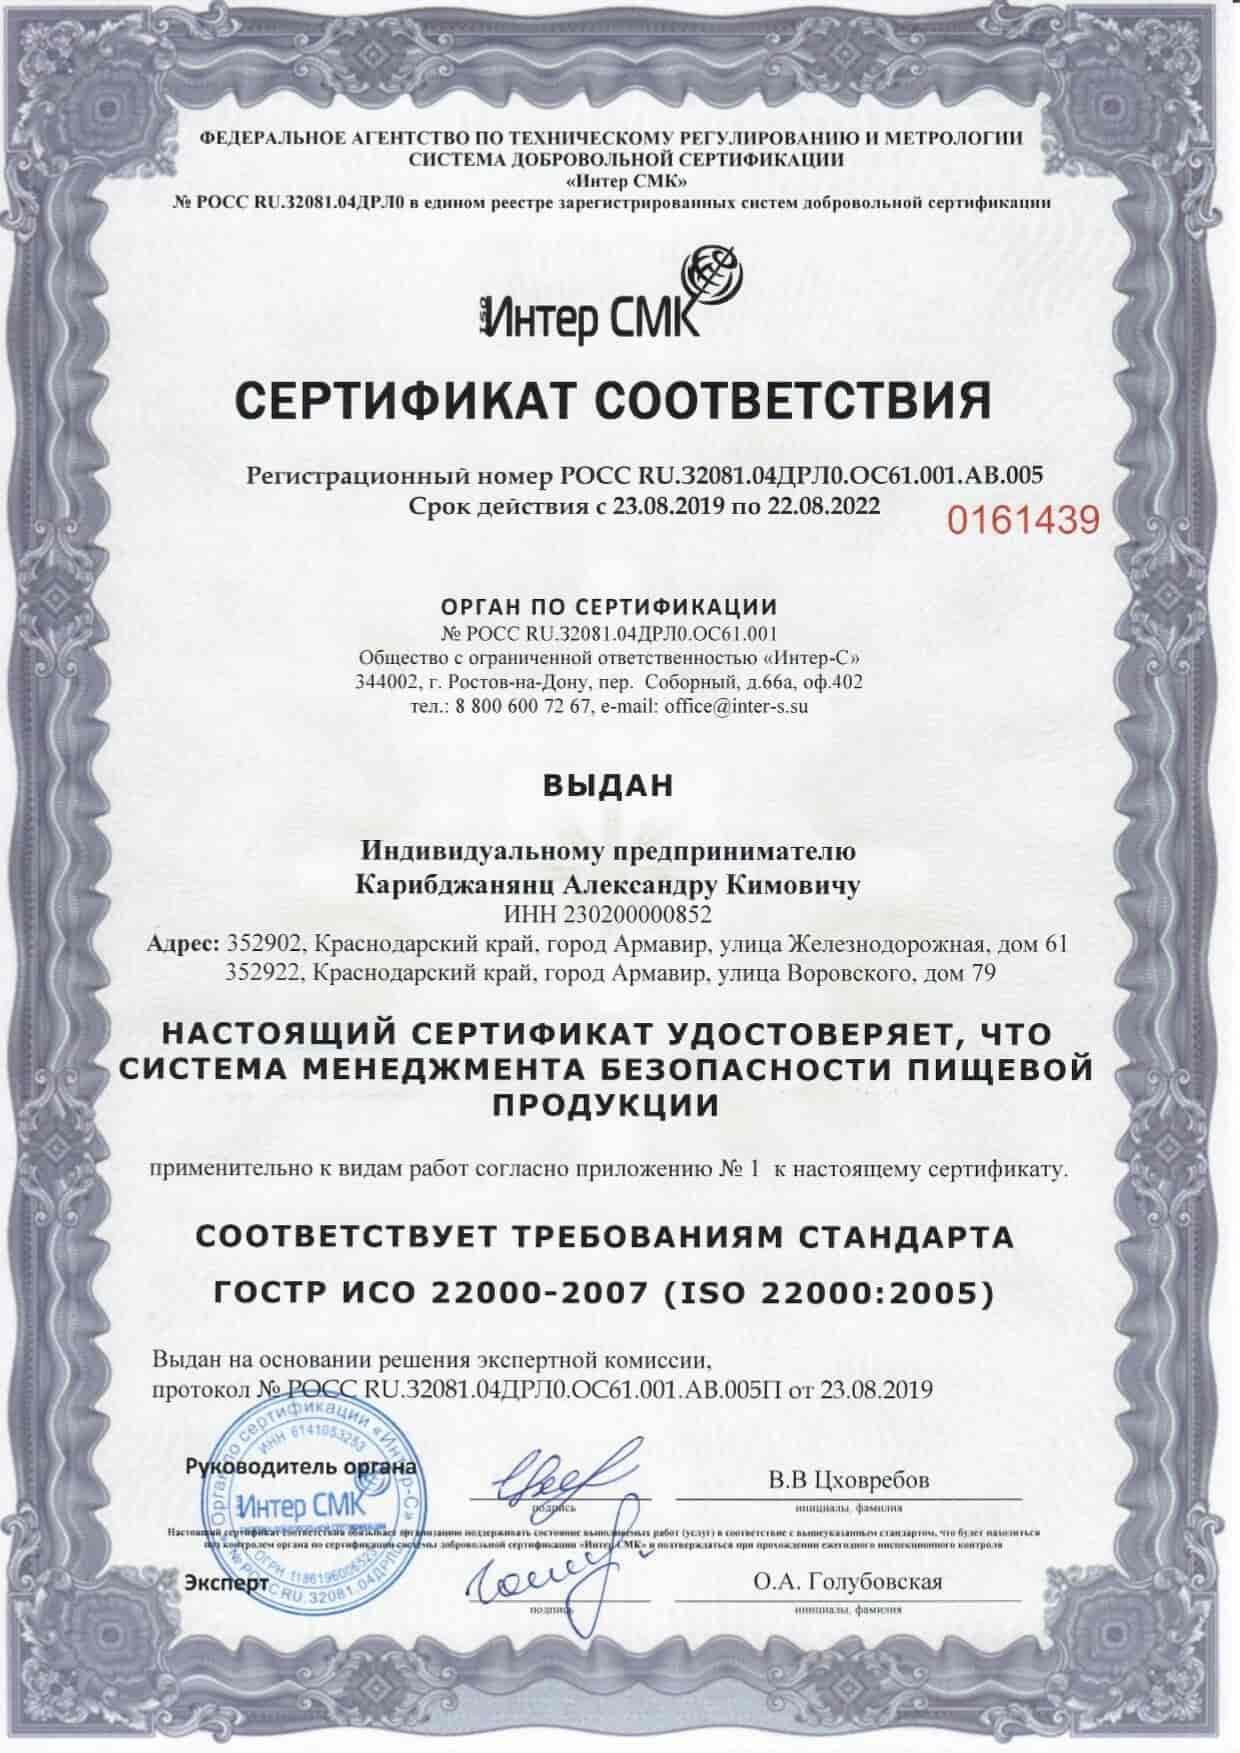 Сертификт соответствия